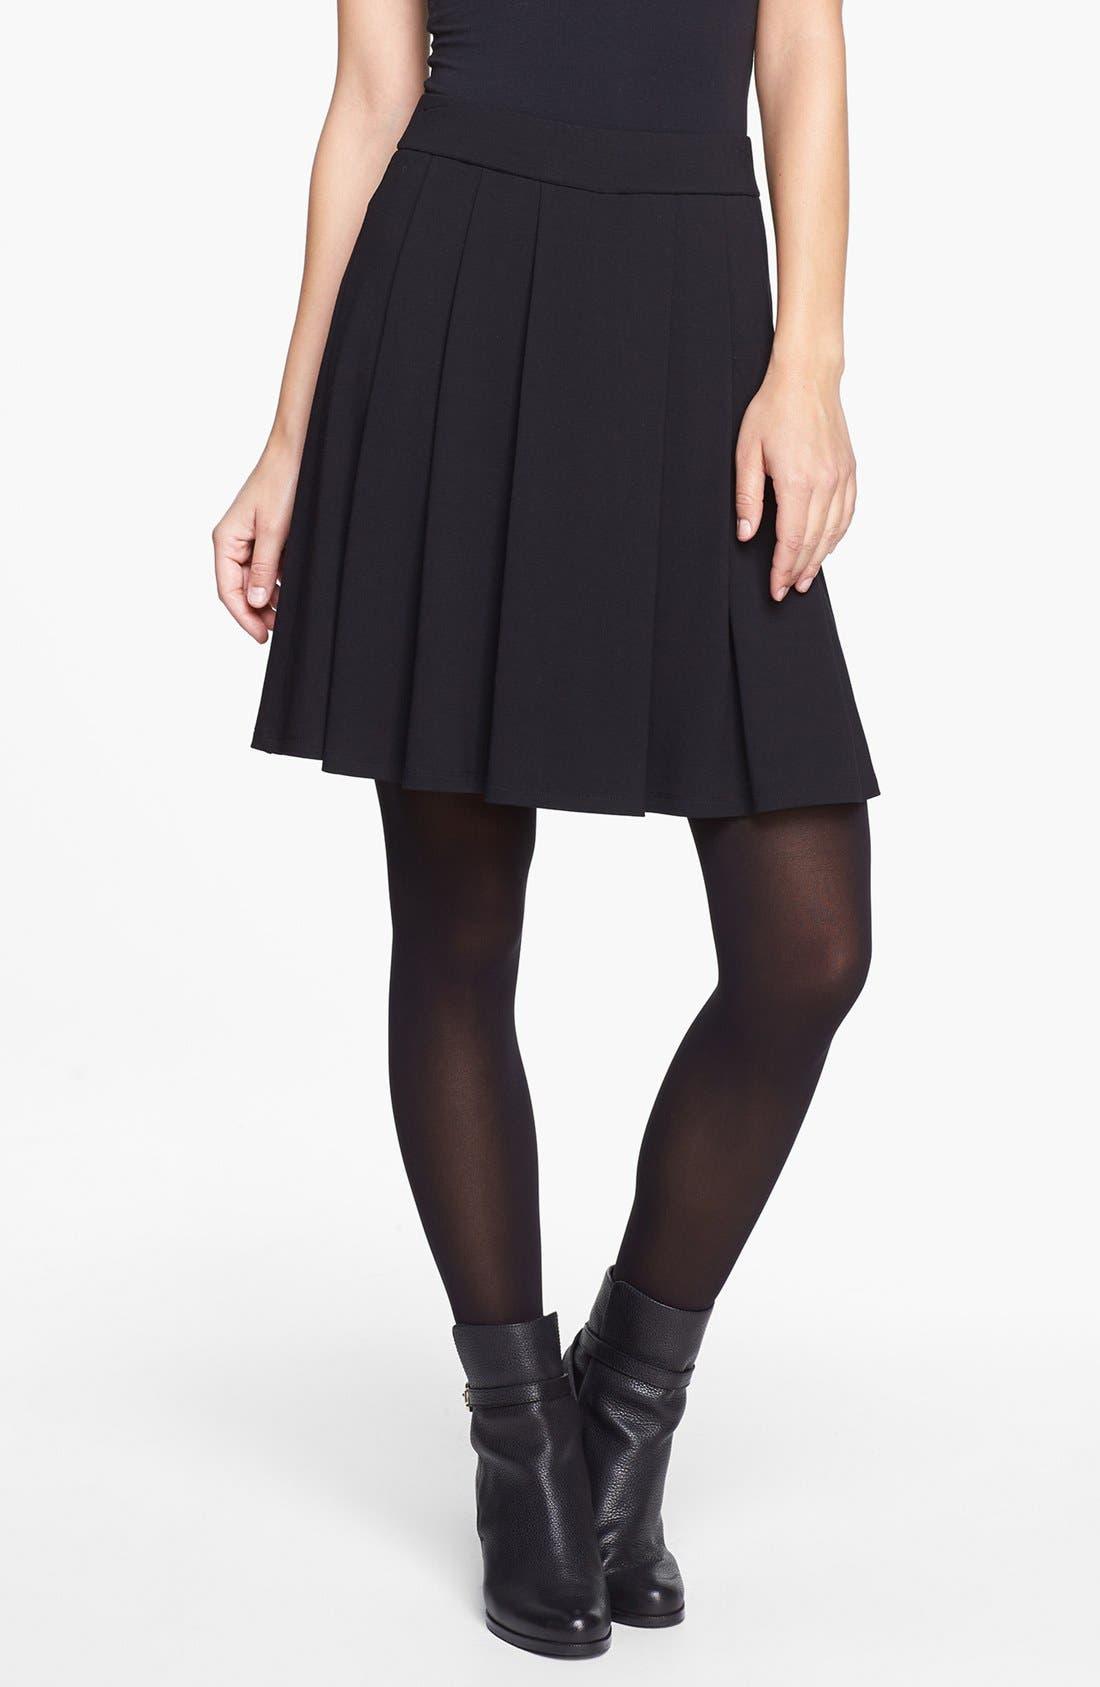 Alternate Image 1 Selected - Eileen Fisher Pleated Skirt (Regular & Petite)